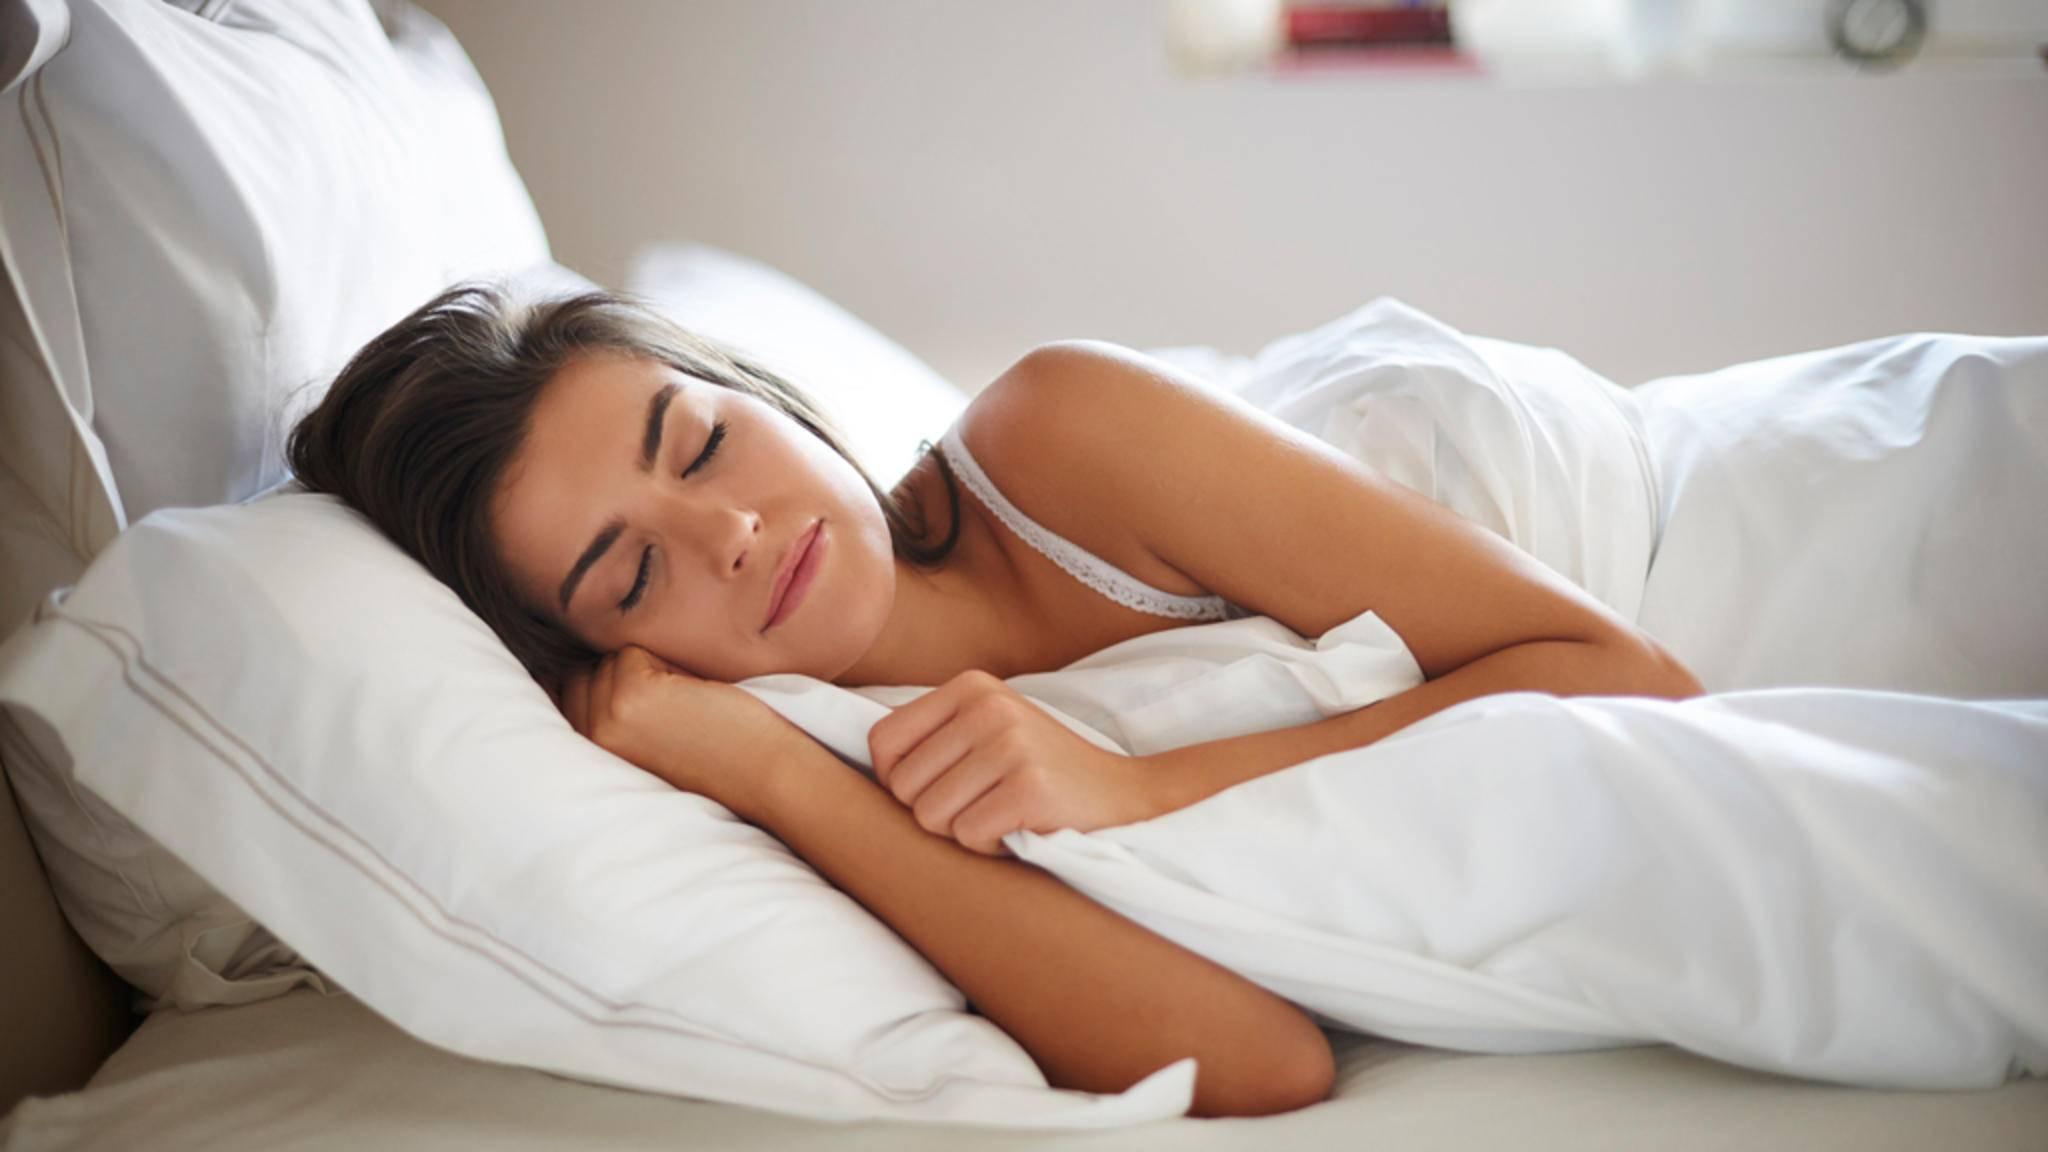 Die Vorzüge von Schlaf für das Wohlergehen werden oft unterschätzt.